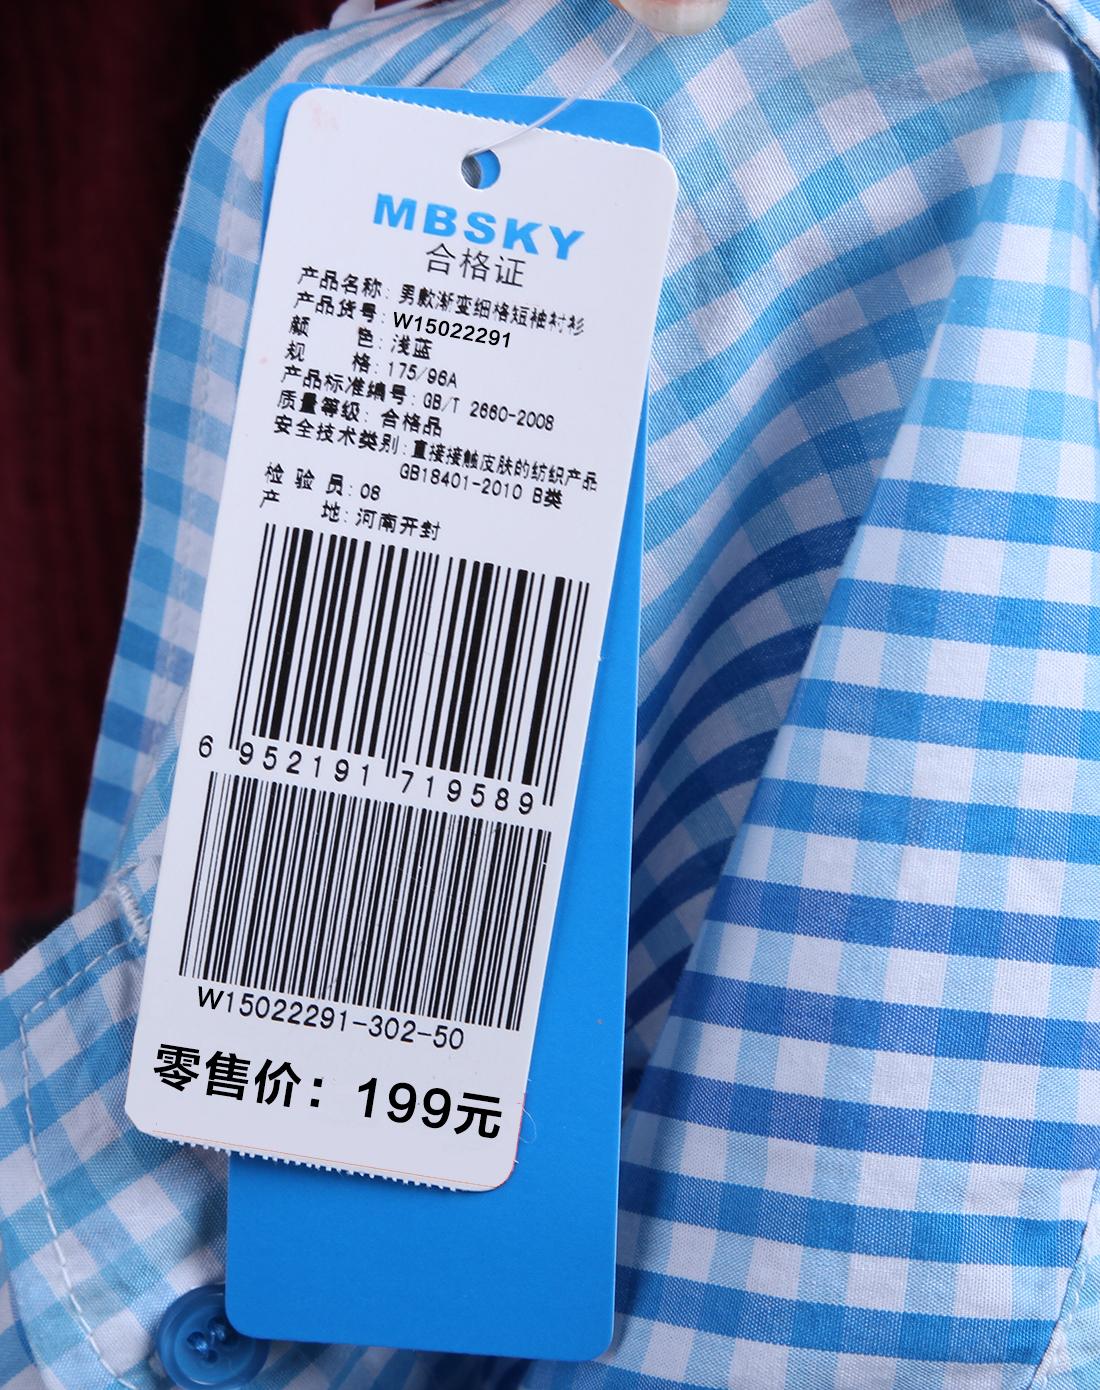 蓝色天空mbsky浅蓝色渐变细格短袖衬衫w15022291-302